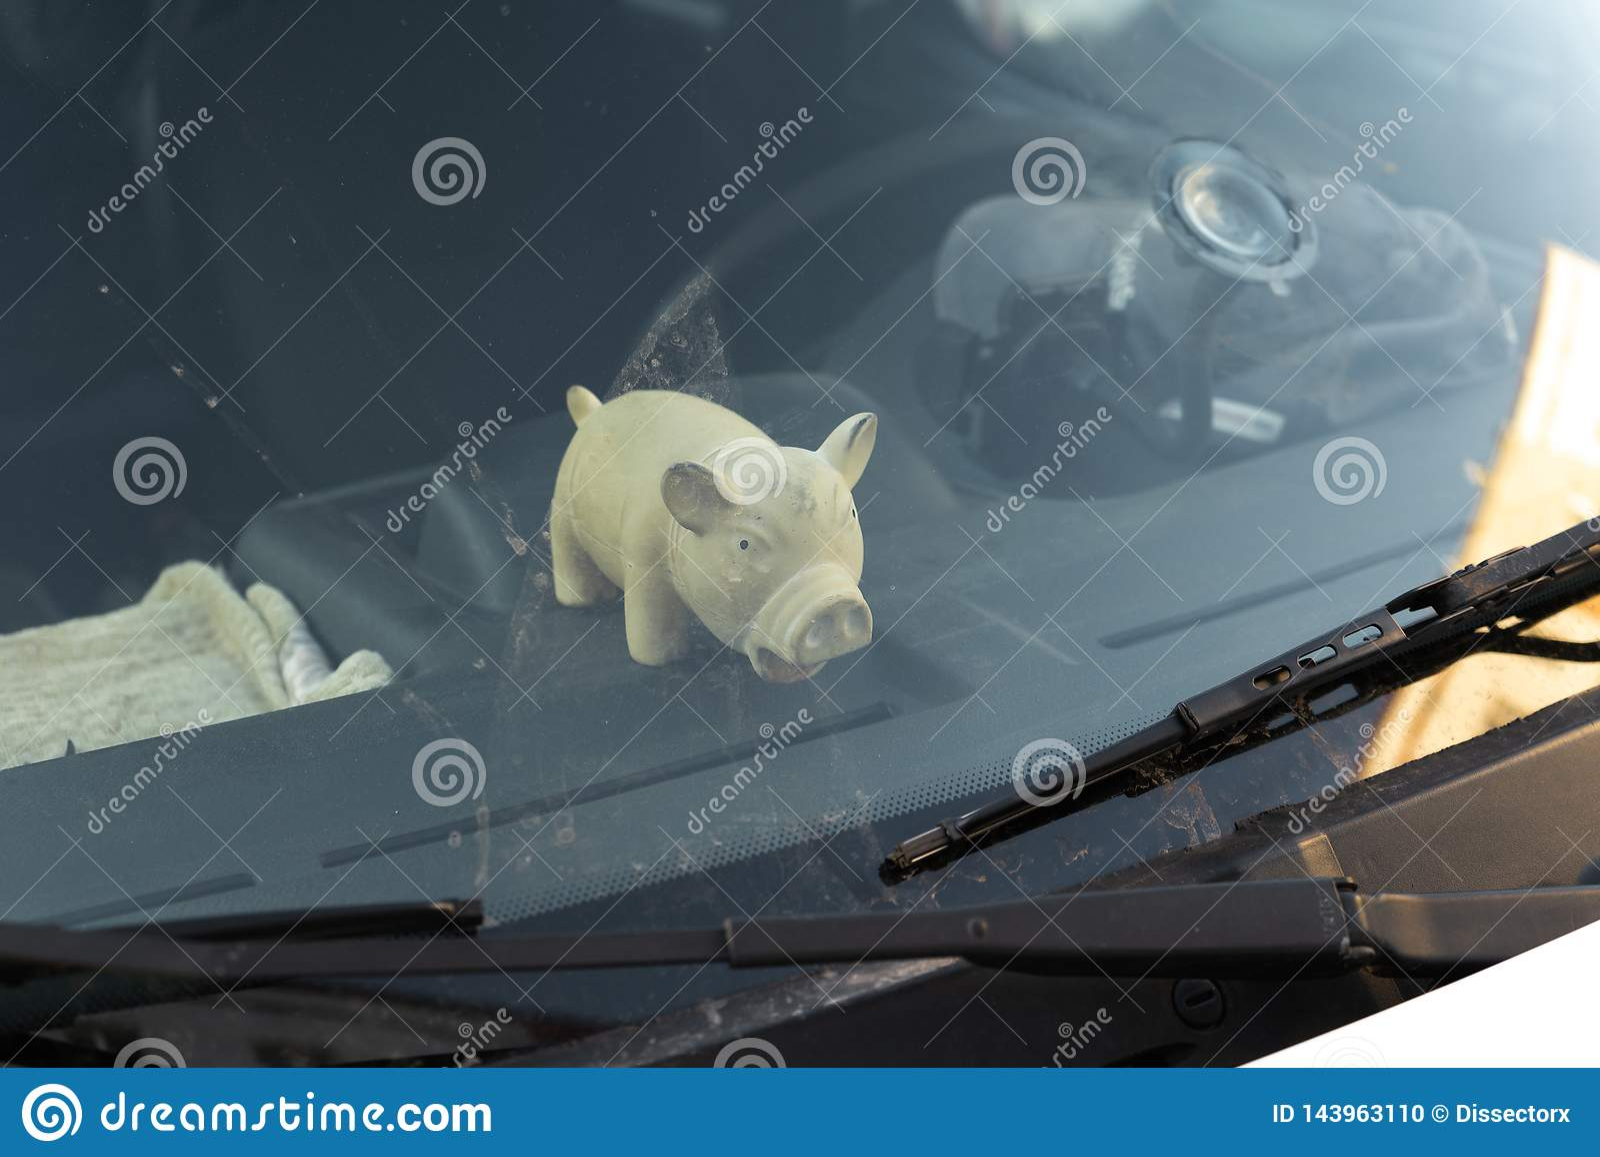 Giocattolo grasso sveglio del maiale dietro la finestra del parabrezza di un automobile